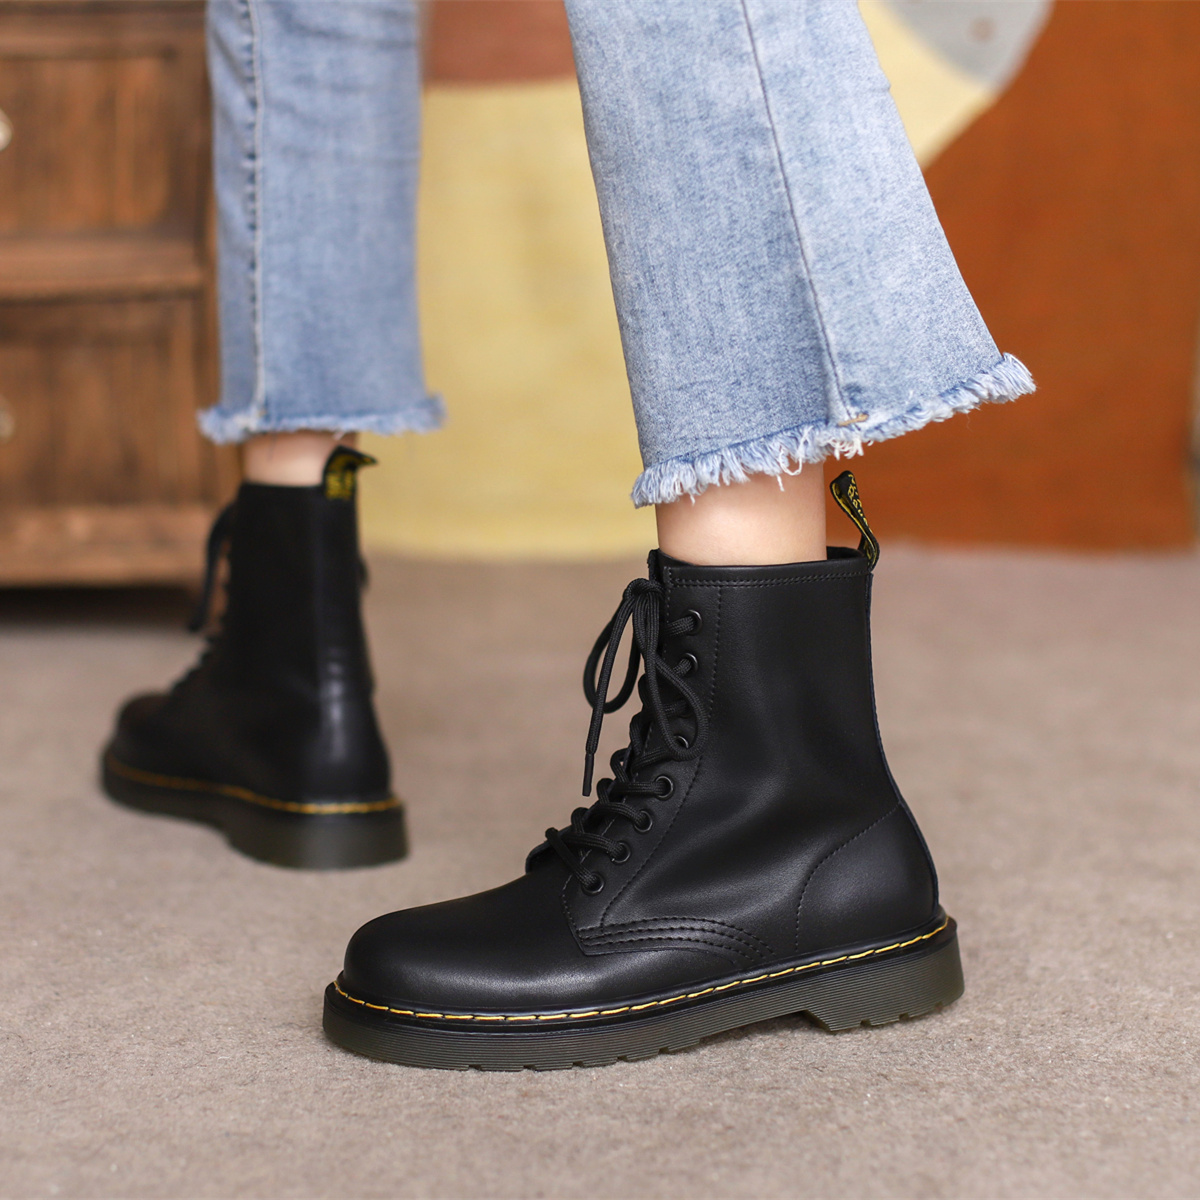 真皮短靴女春秋季单靴2021年新款百搭网红英伦风1460八孔马丁靴潮